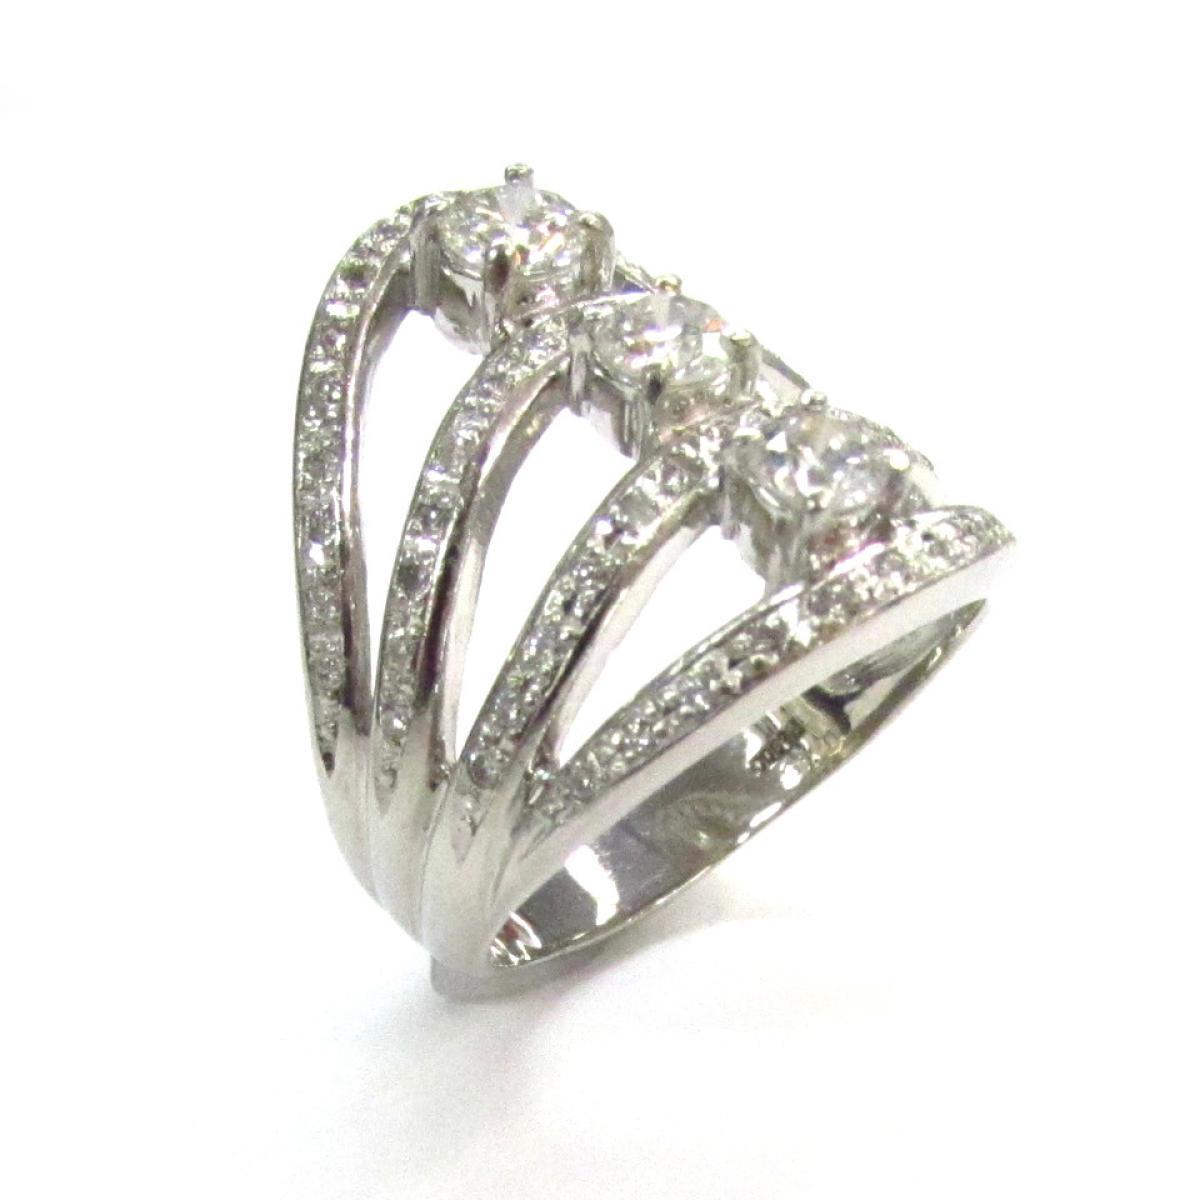 ジュエリー ダイヤモンド リング 指輪 ノーブランドジュエリー レディース PT900 プラチナ (0.404ct   JEWELRY BRANDOFF ブランドオフ アクセサリー